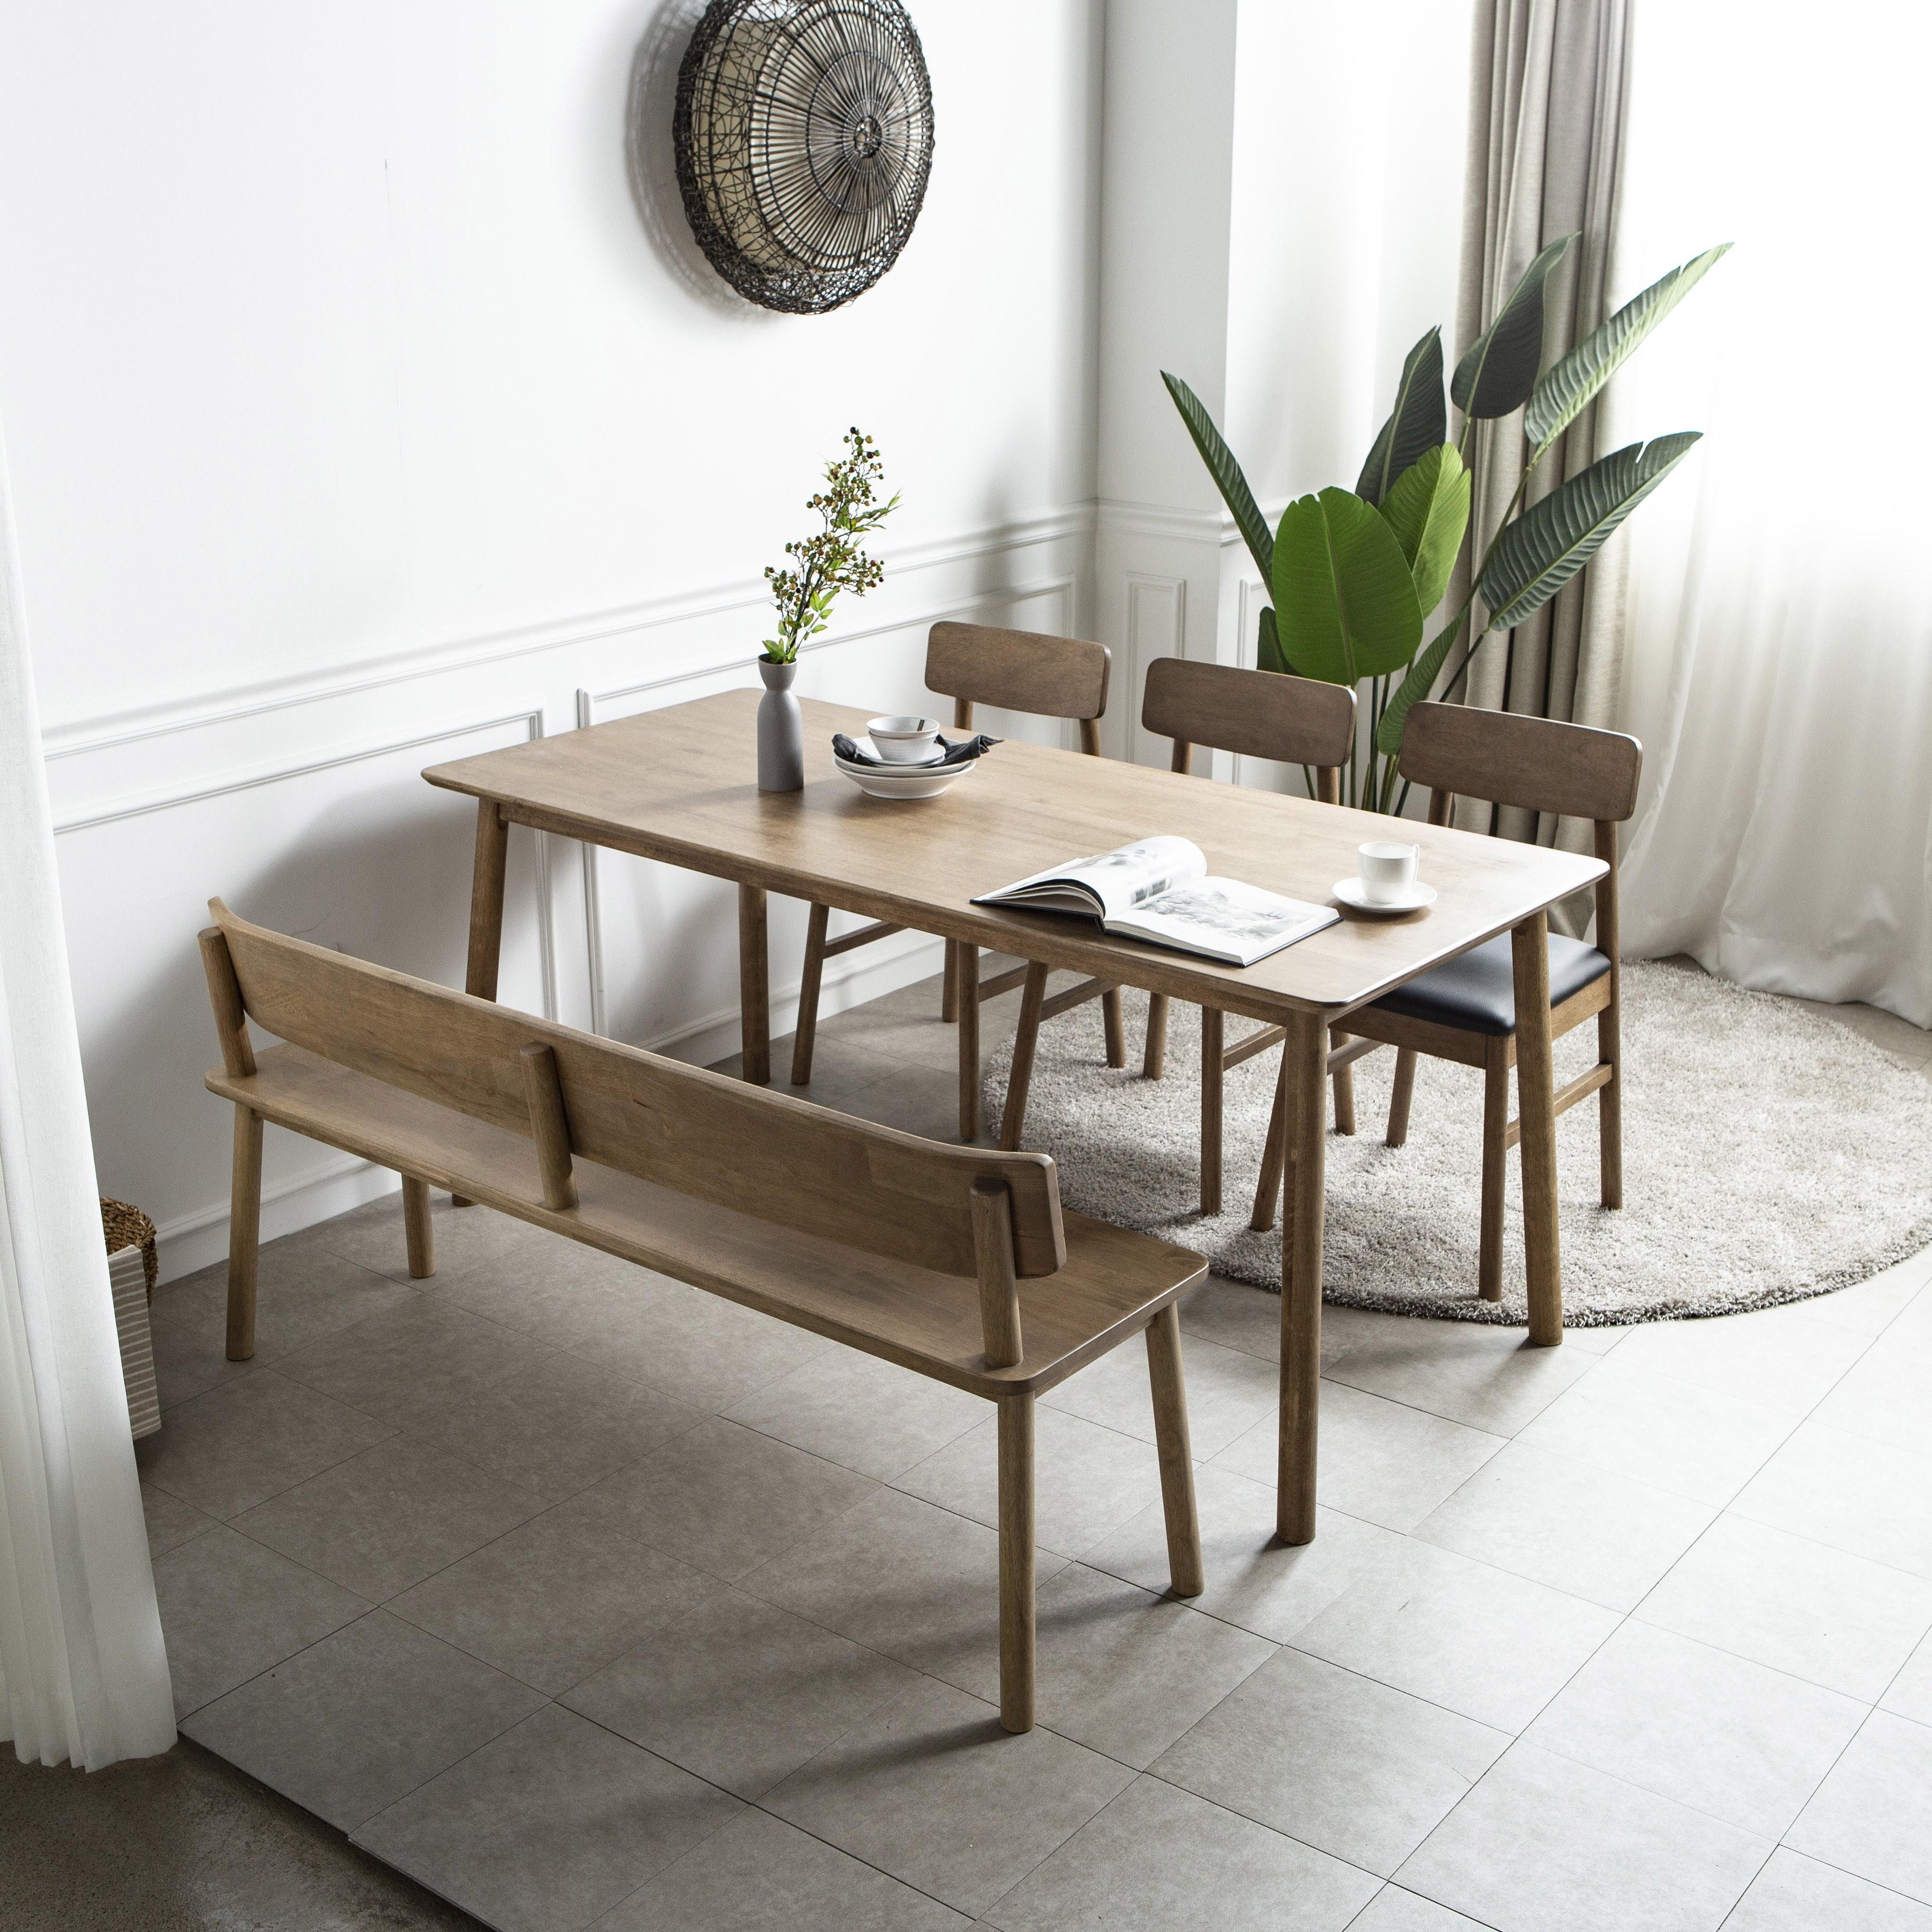 라미에스 라미에르 6인용 원목 식탁 세트, 라미에르6인식탁1+벤치1+의자3